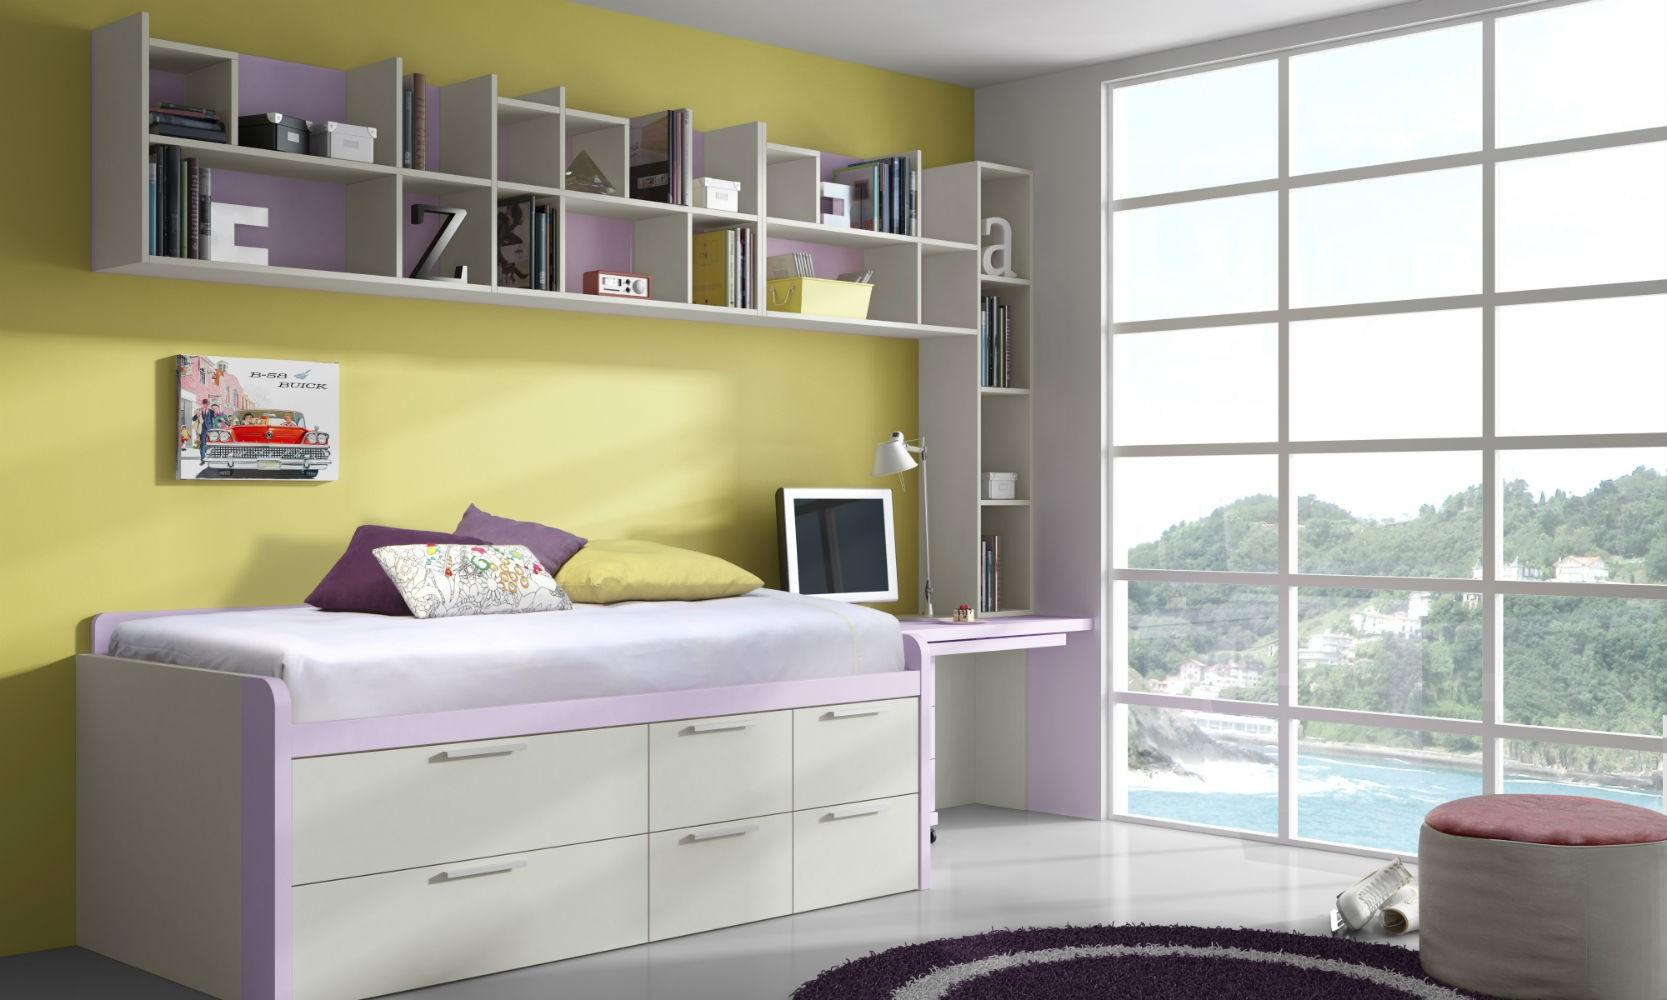 Muebles dormitorio juvenil moderno 20170723215141 - Dormitorios juveniles mallorca ...